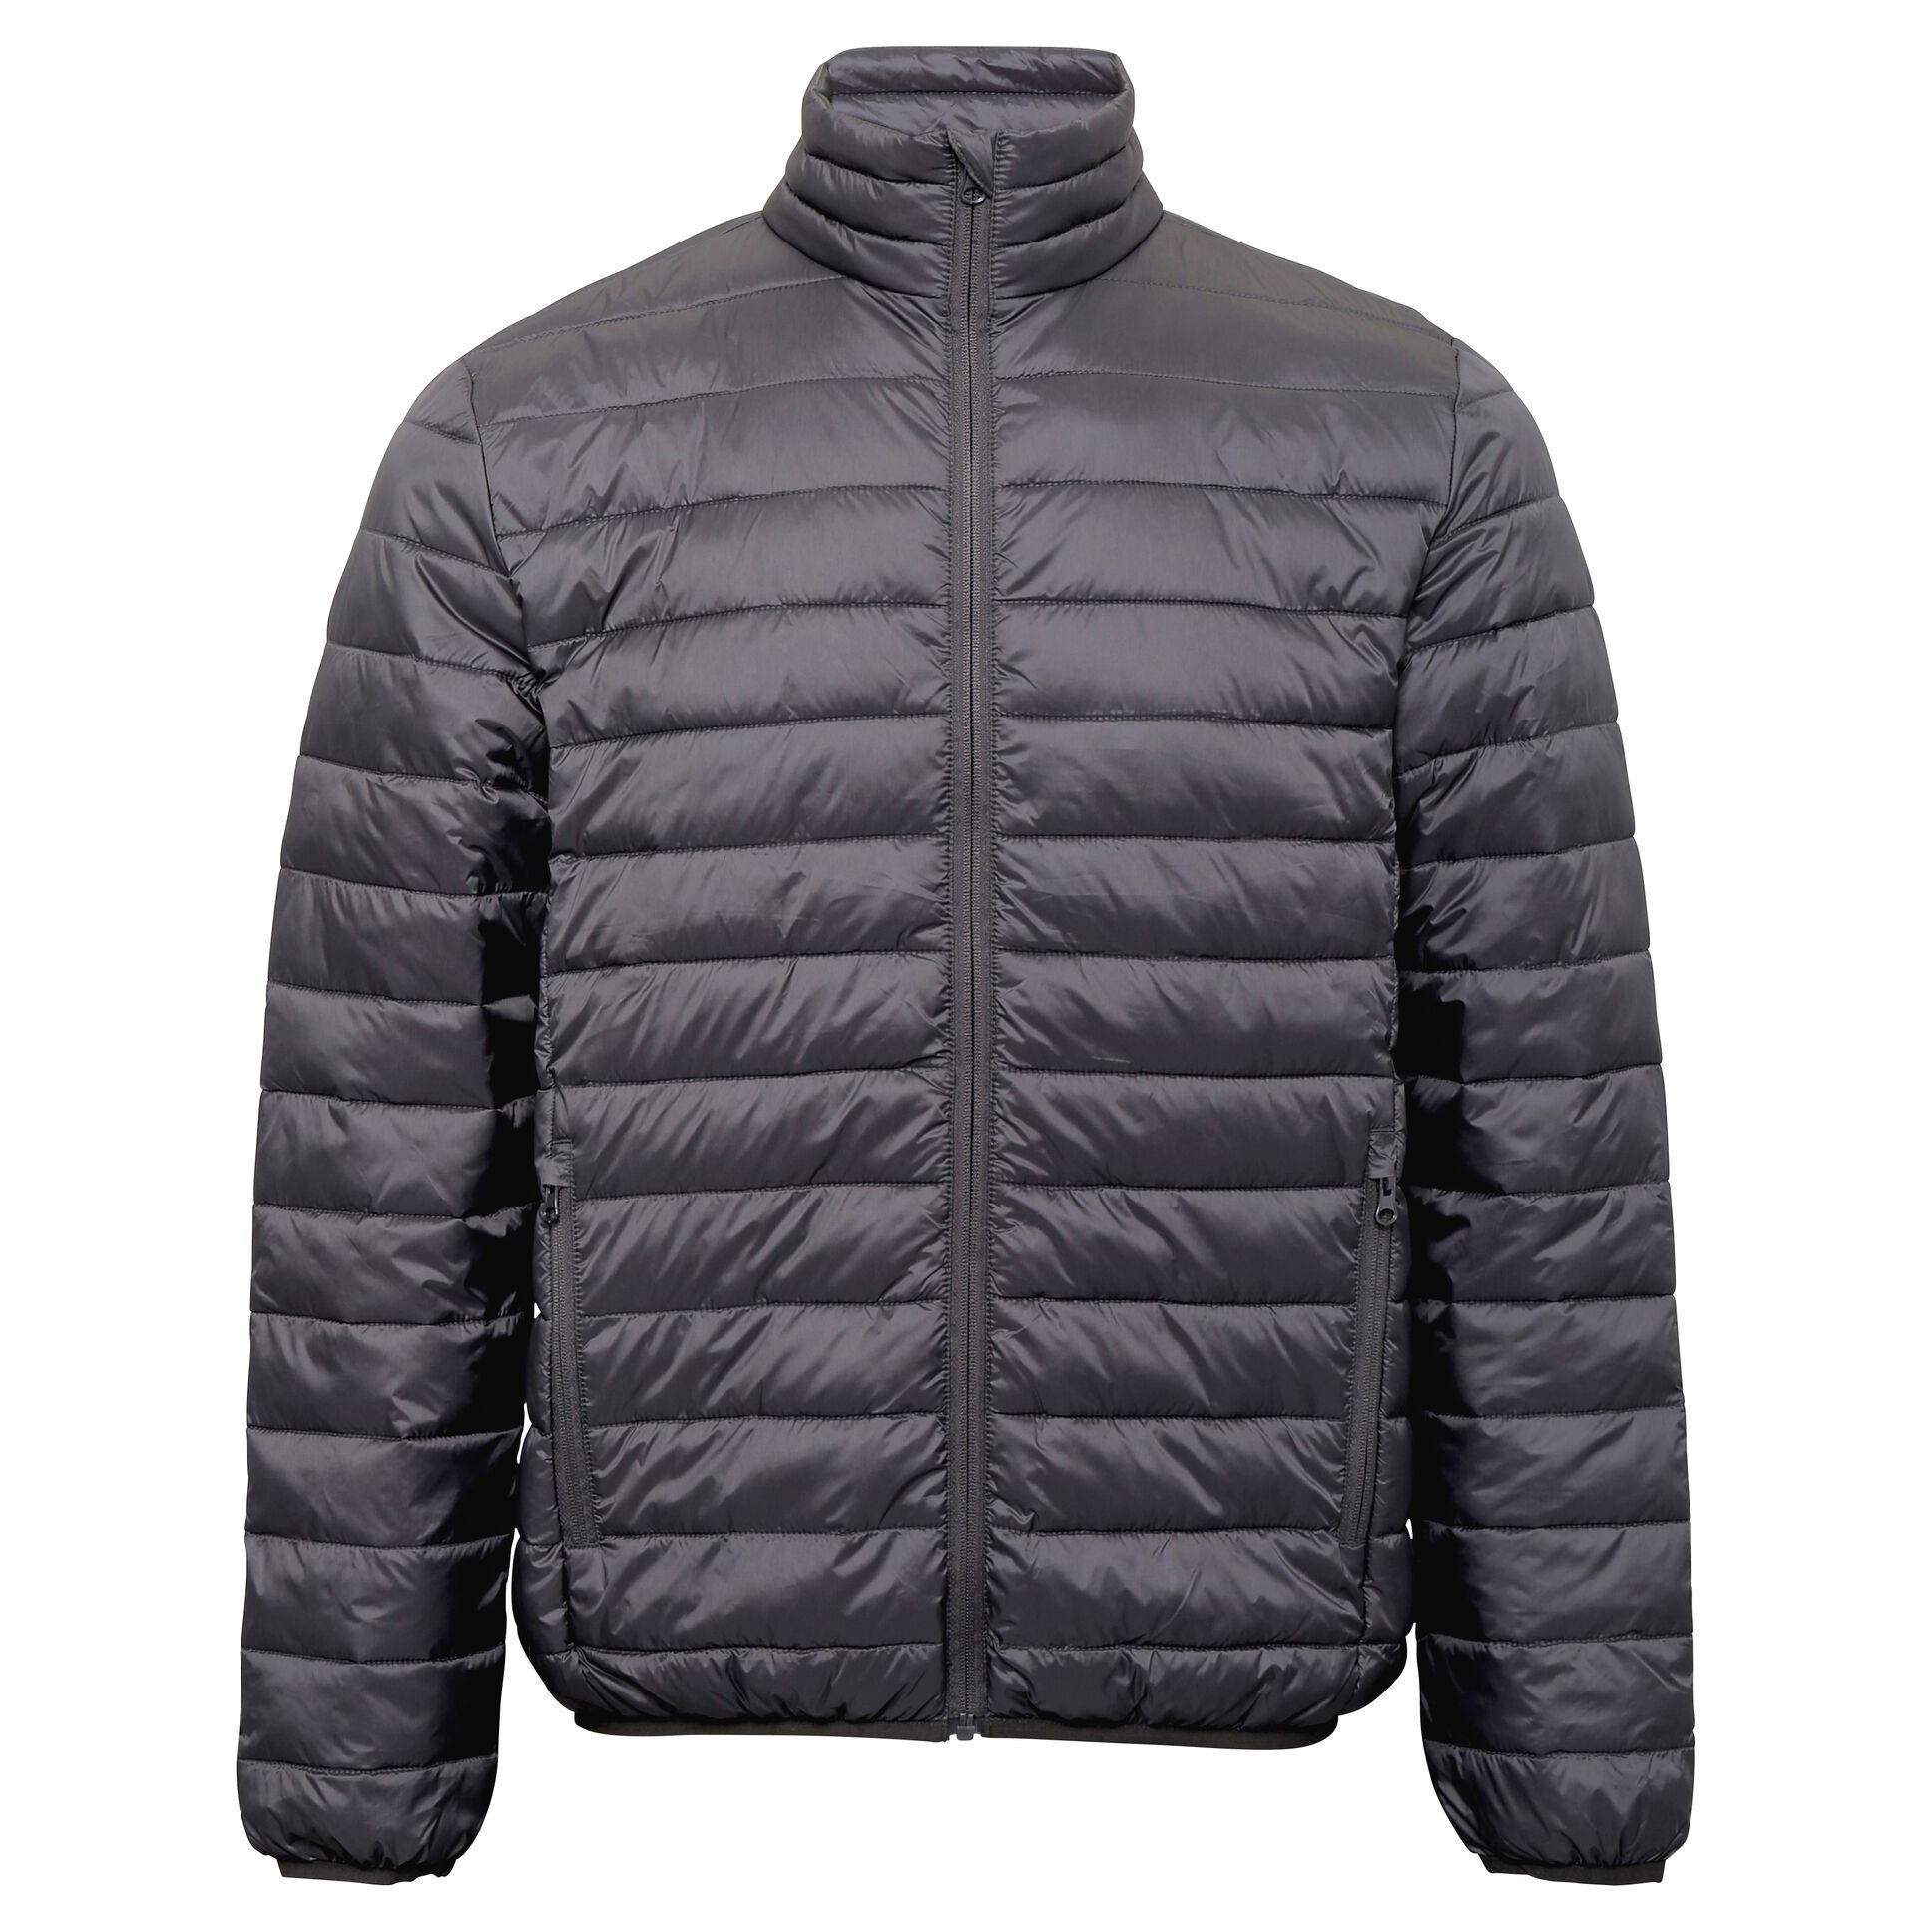 2786 Mens Terrain Long Sleeves Padded Jacket (S) (Steel)